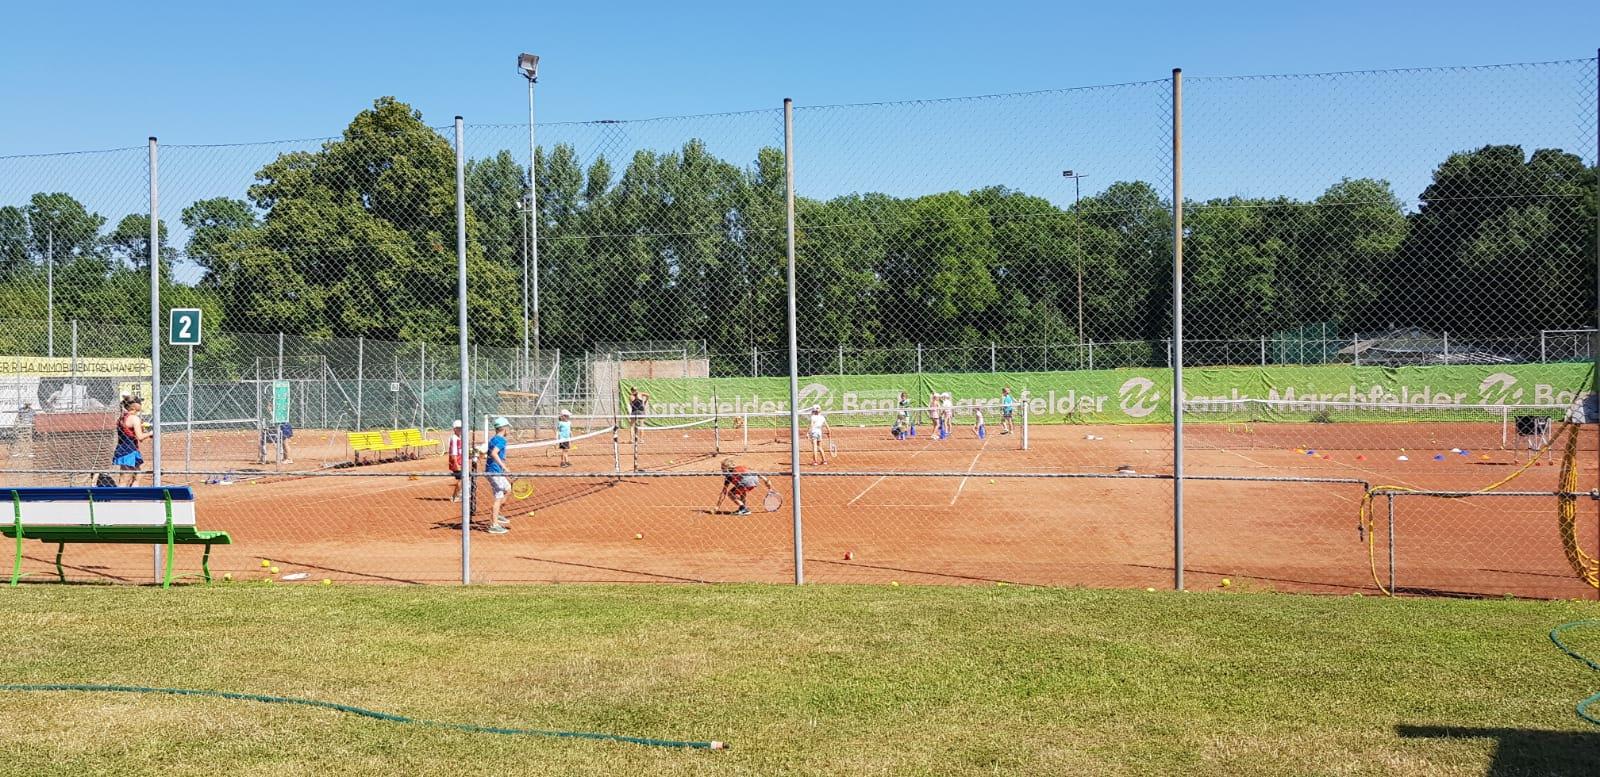 Tennistraining für Kinder TC Weikendorf